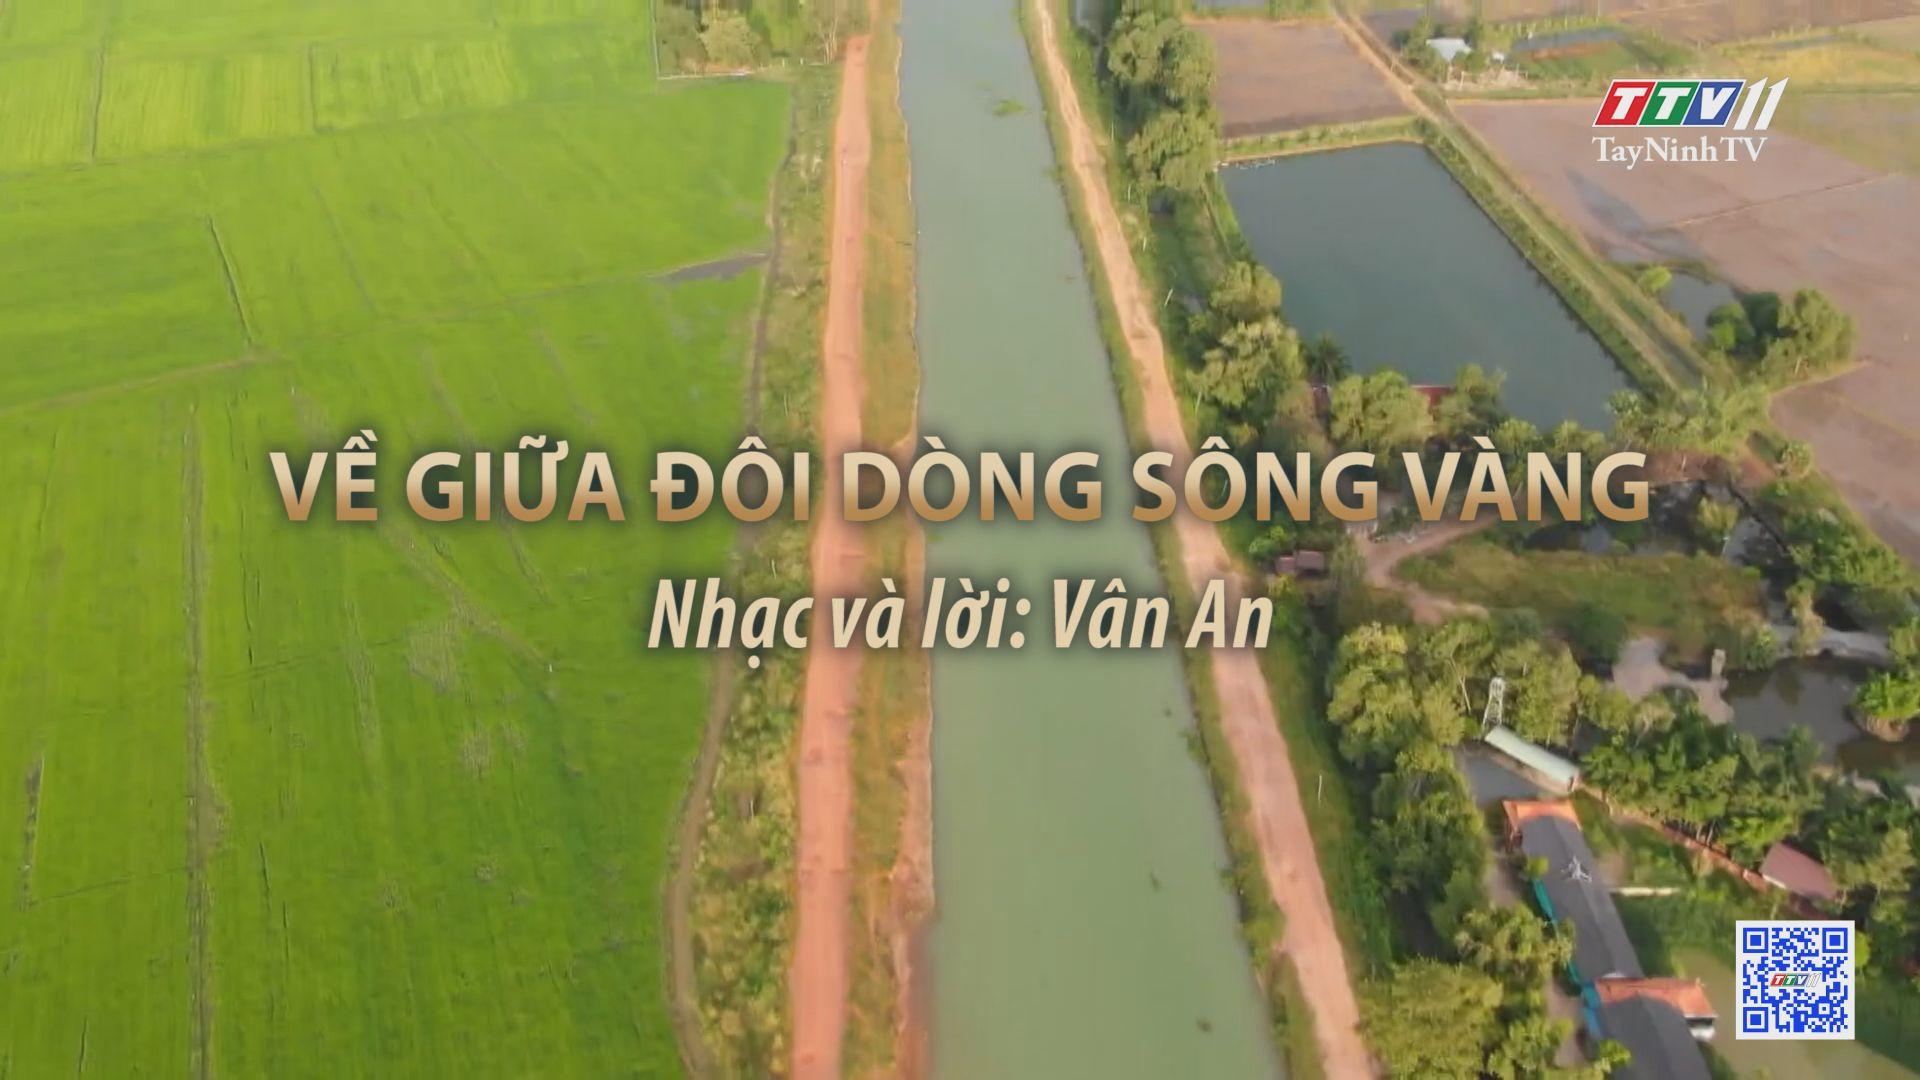 Về giữa đôi dòng sông vàng | Tuyển tập karaoke Tây Ninh tình yêu trong tôi | TayNinhTV